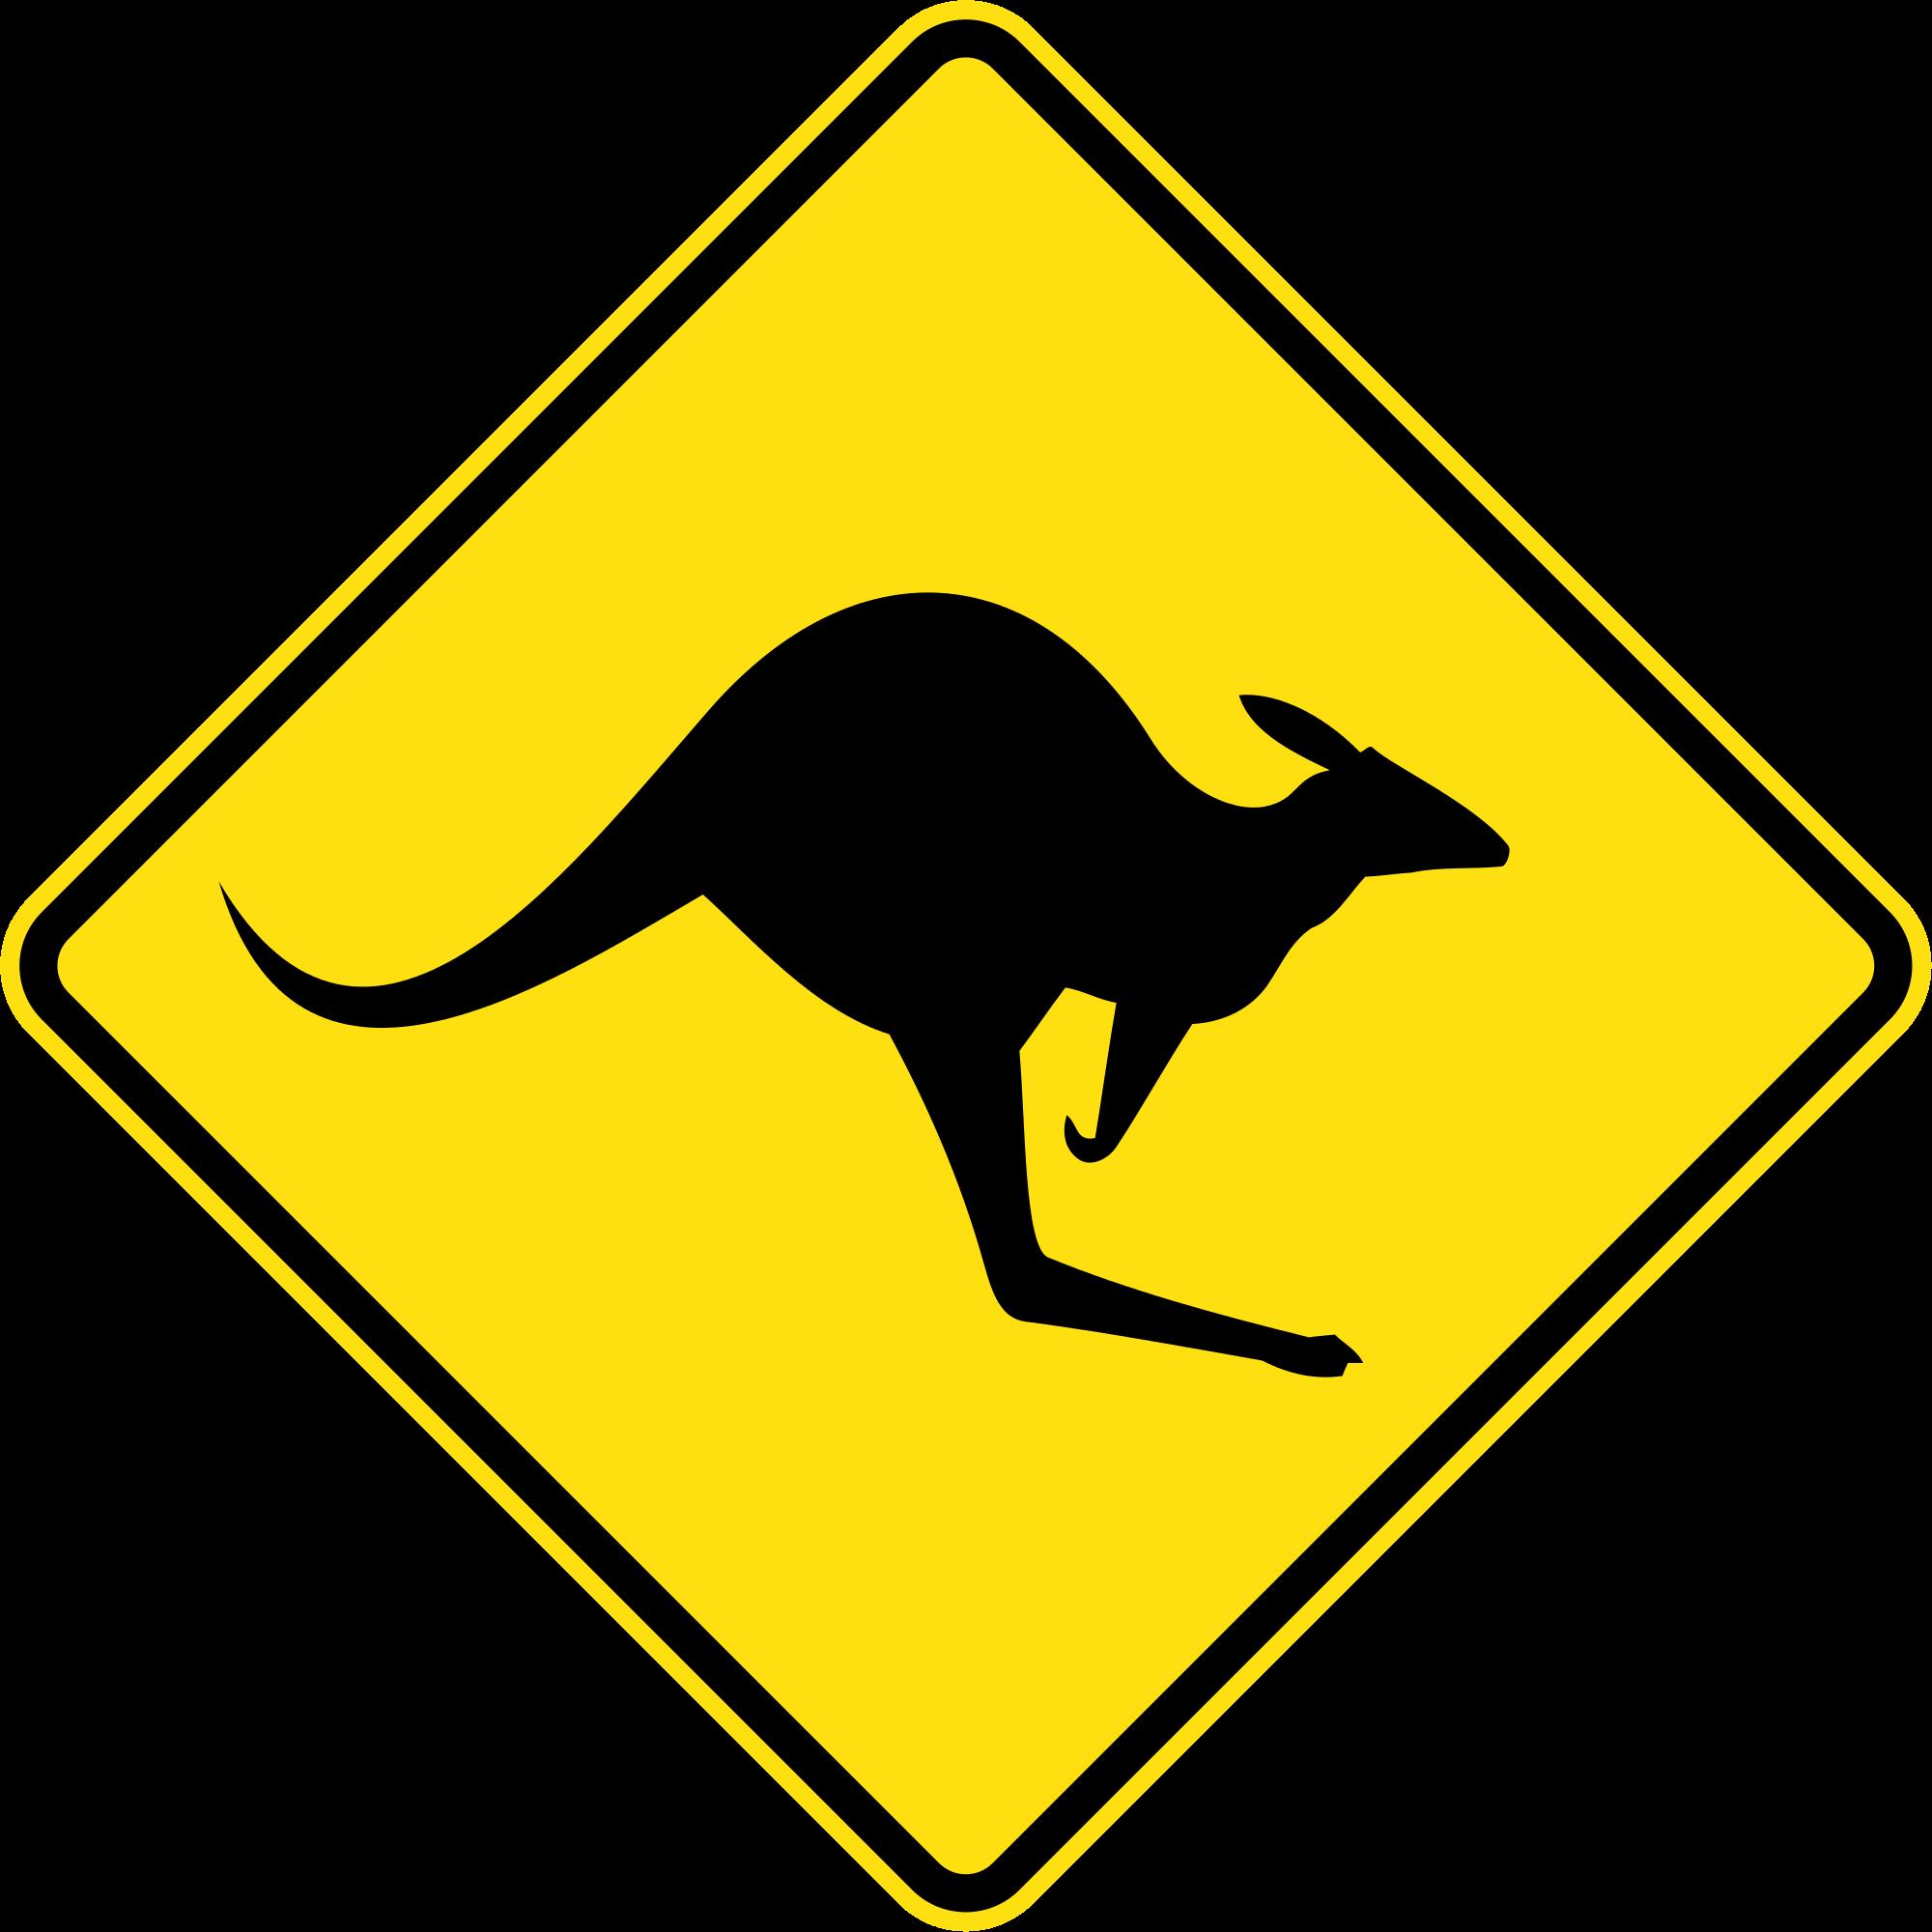 Kangaroo svg #17, Download drawings